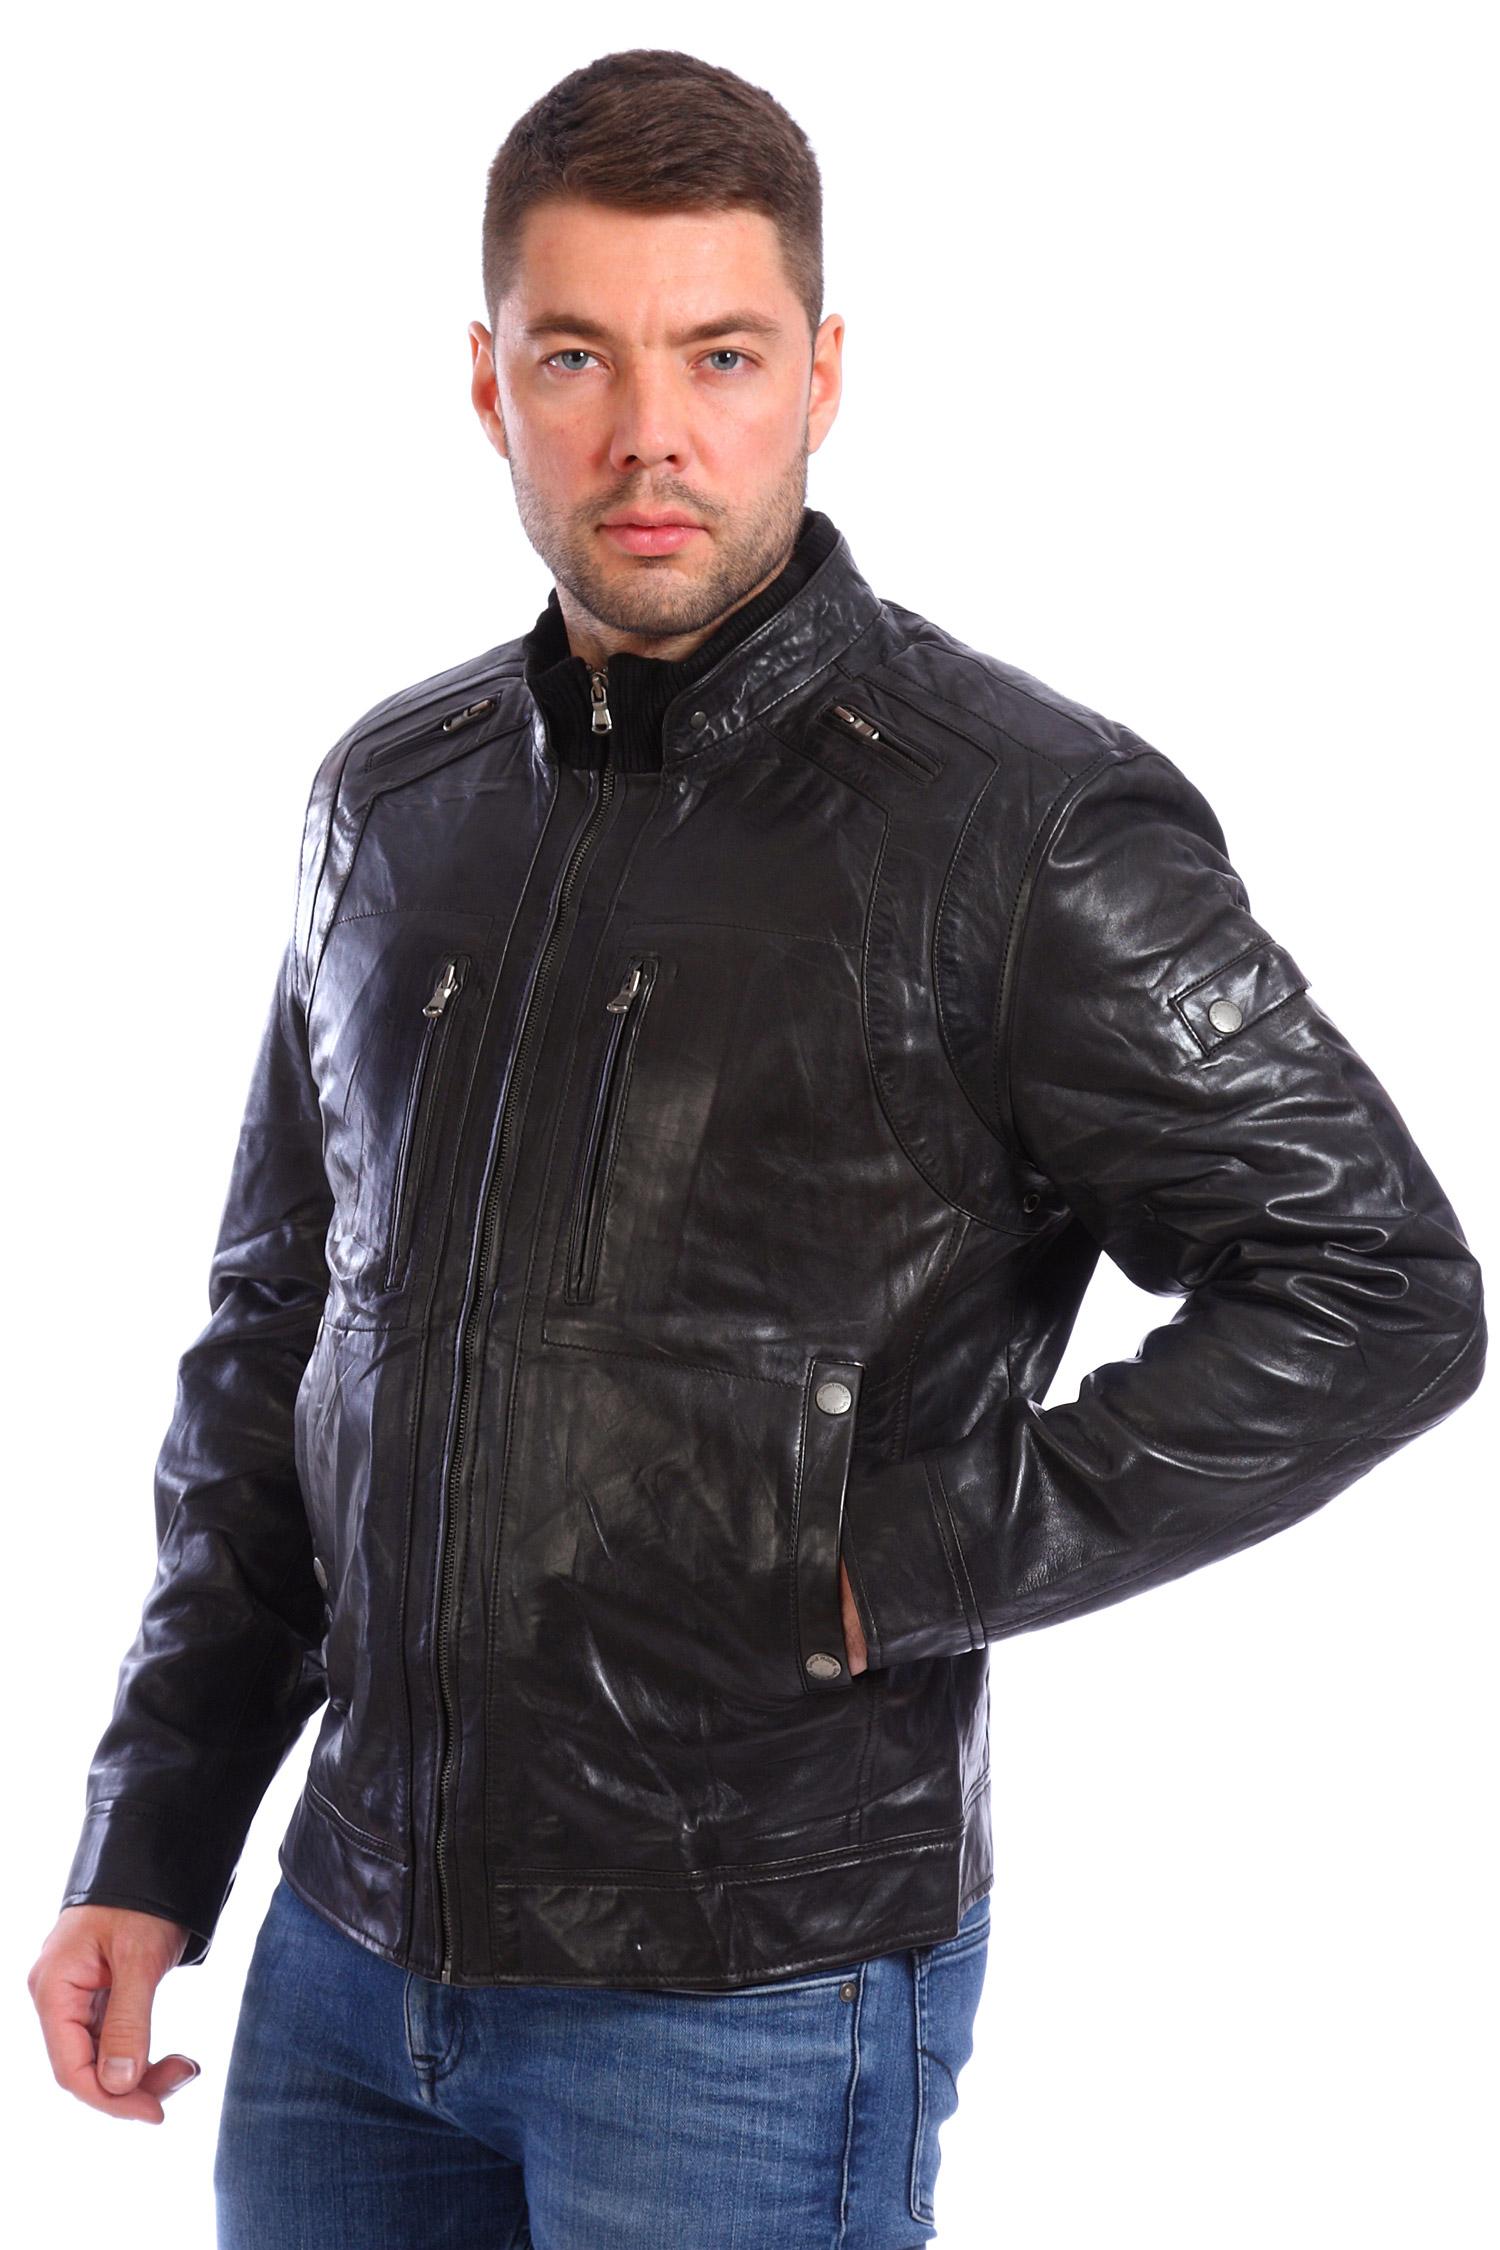 Мужская кожаная куртка из натуральной кожи утепленнаяЦвет - оникс (черный).<br><br>Кожаная куртка цвета оникс - это основа стиля casual. Благодаря лаконичному крою куртка хорошо сочетается и с джинсами, и с брюками.<br><br>Модель застегивается на молнию. Для комфорта в отделке воротника используется текстиль. Манжеты регулируется молнией и фиксируются кнопками.<br><br>Благодаря множеству карманов и декоративной отделке, куртка смотрится по-байкерски брутально.<br><br>Воротник: стойка<br>Длина см: Короткая (51-74 )<br>Материал: Кожа овчина<br>Цвет: черный<br>Застежка: на молнии<br>Пол: Мужской<br>Размер RU: 58